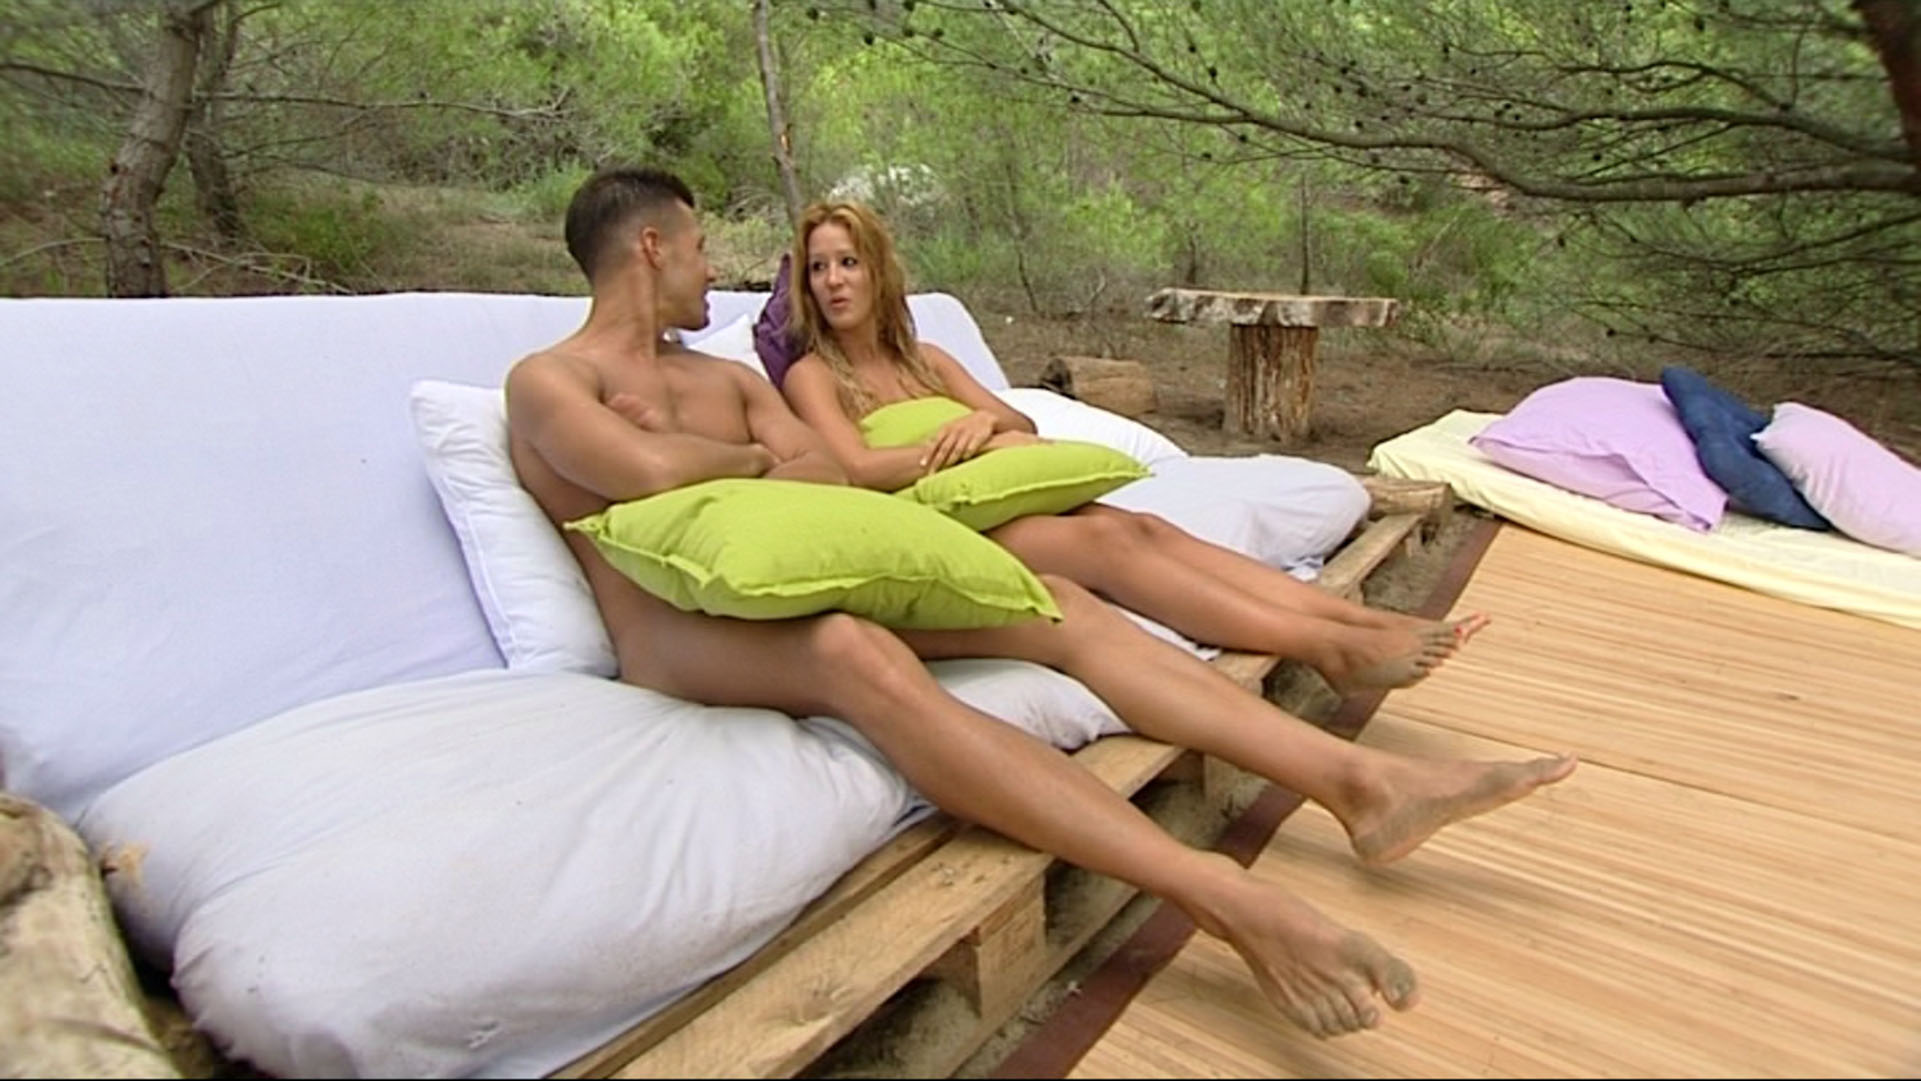 Adán Y Eva Arranca Con Desnudos Integrales Y Orgullo Por La Incultura